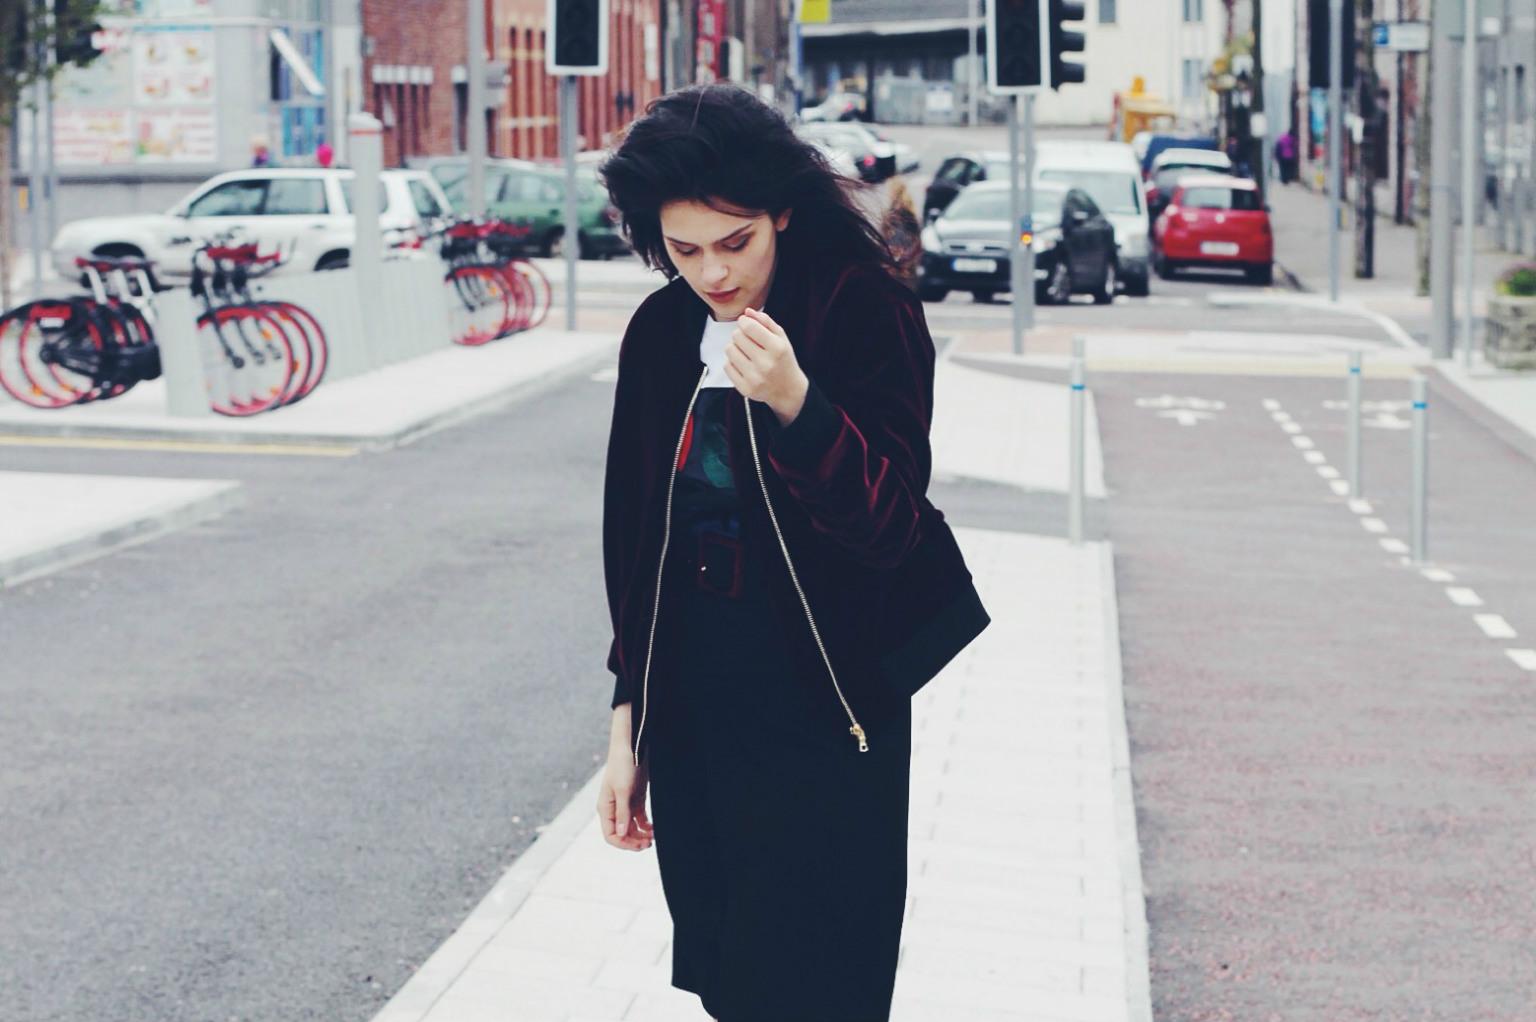 sandro velvet jacket imageanchor=